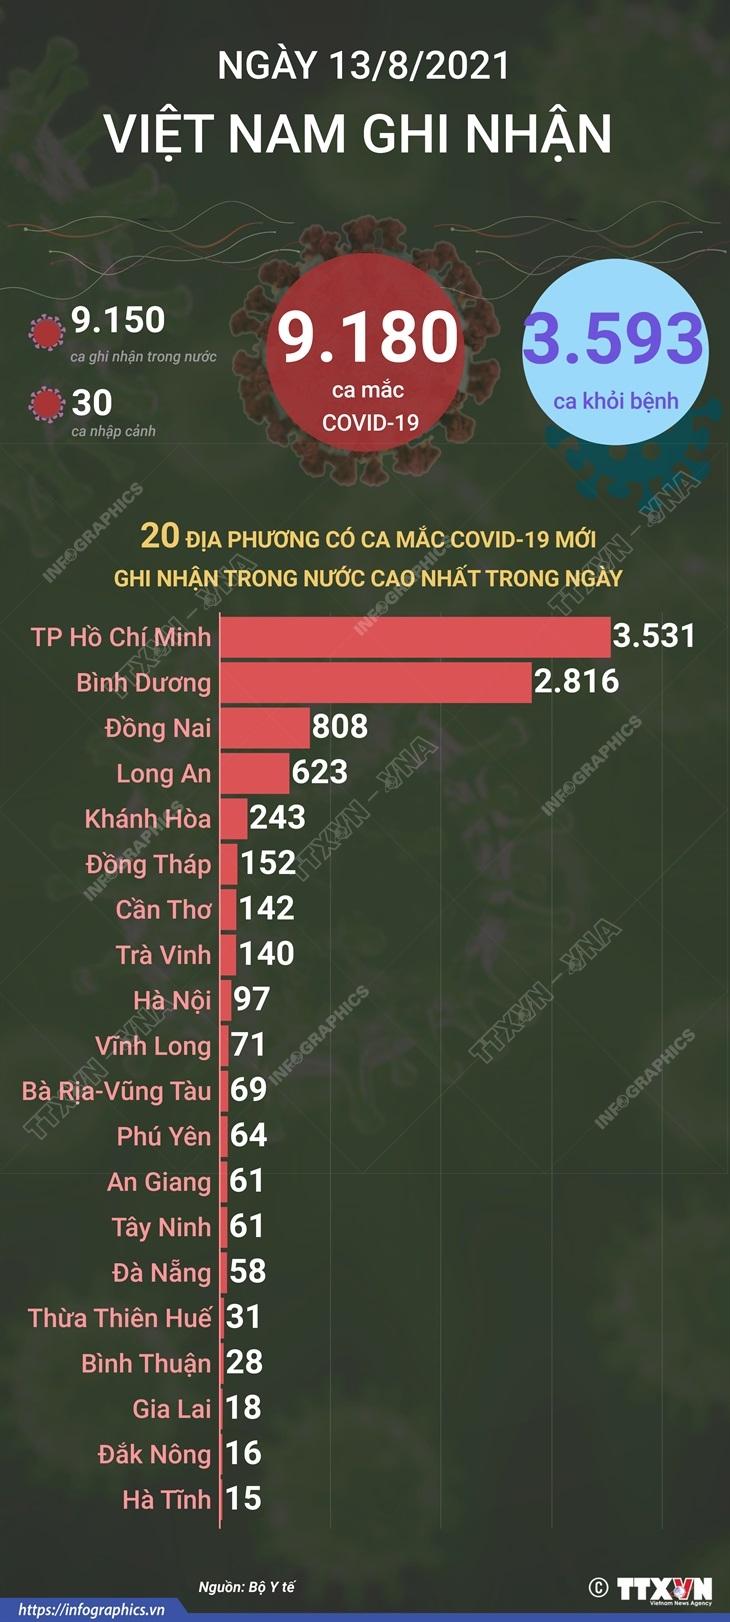 [Infographics] 3.593 benh nhan duoc cong bo khoi benh trong ngay 13/8 hinh anh 1